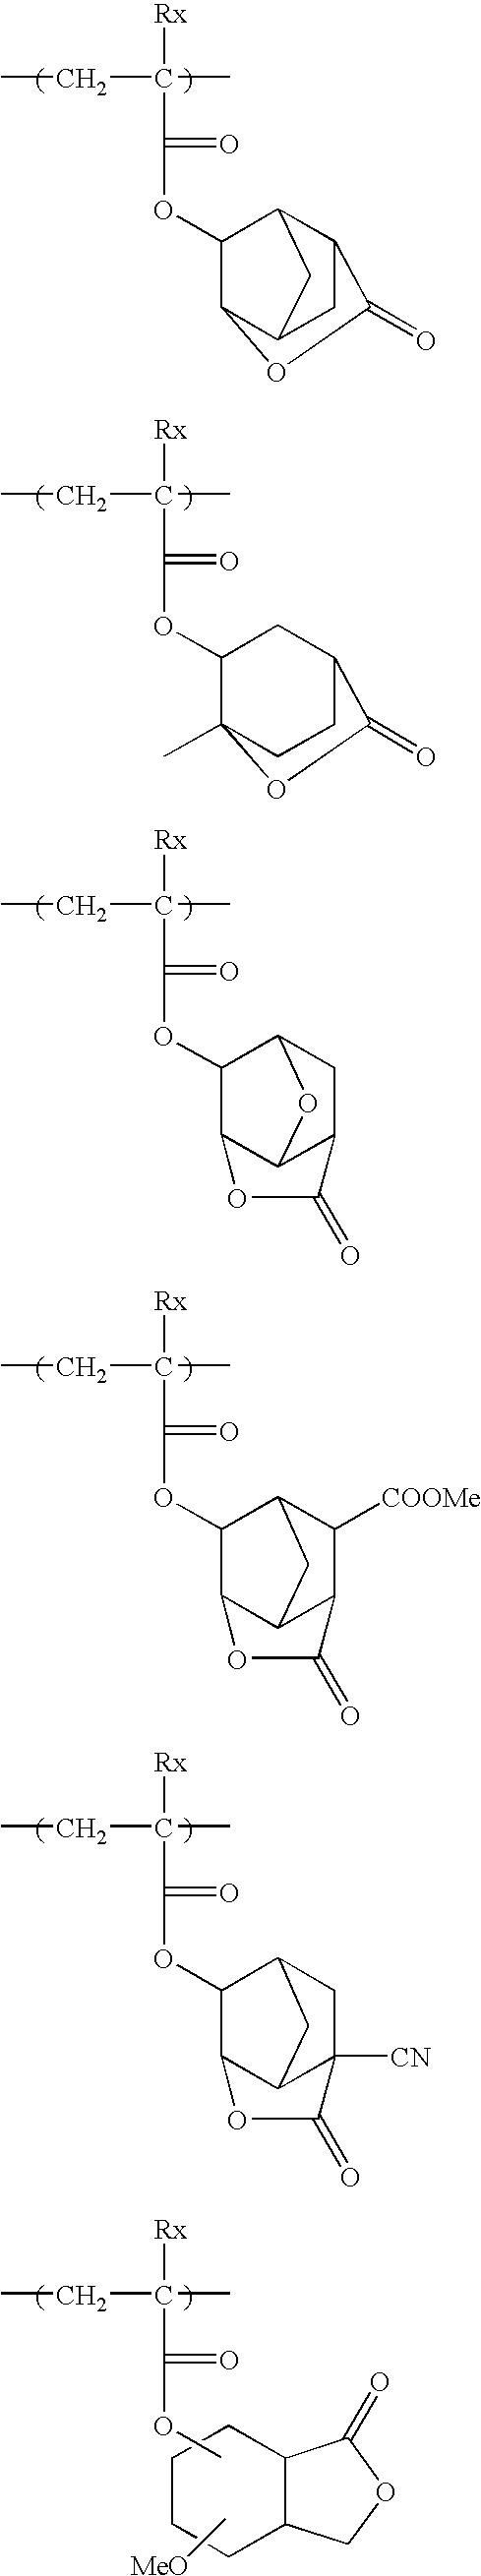 Figure US08241840-20120814-C00030